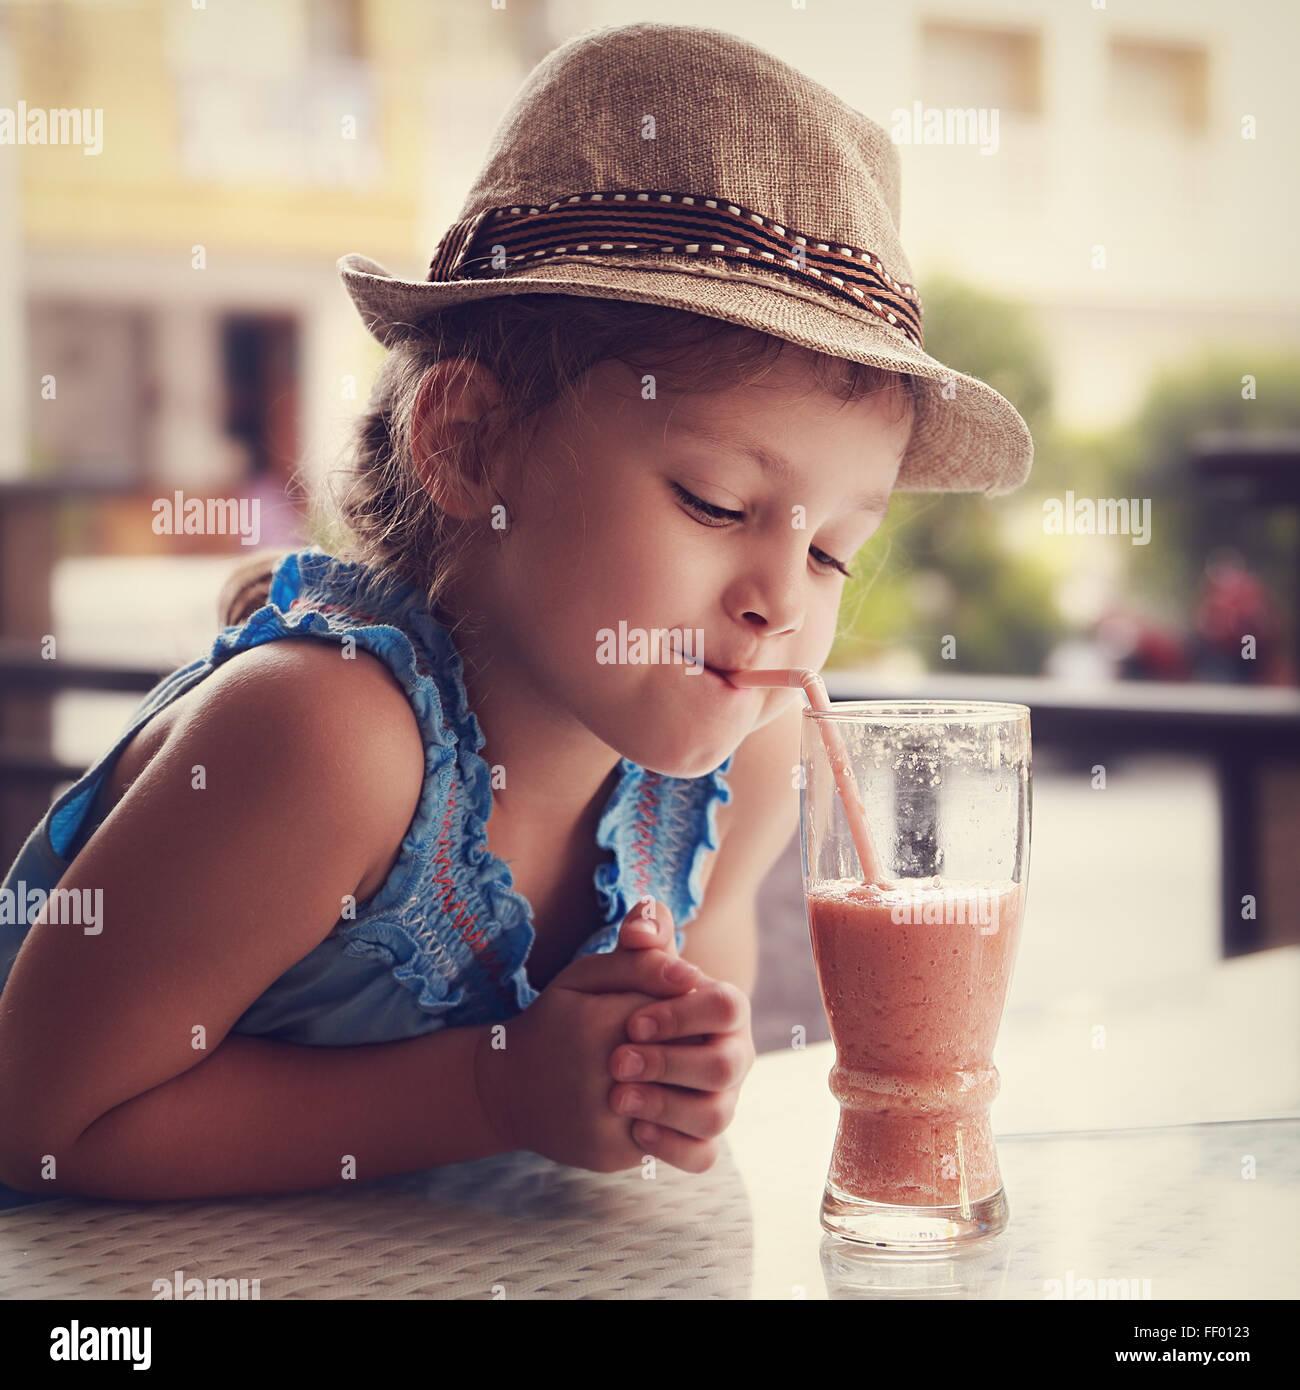 Lindo pensar chico chica beber jugo sabroso en el restaurante de la calle. Tonificado closeup retrato Imagen De Stock